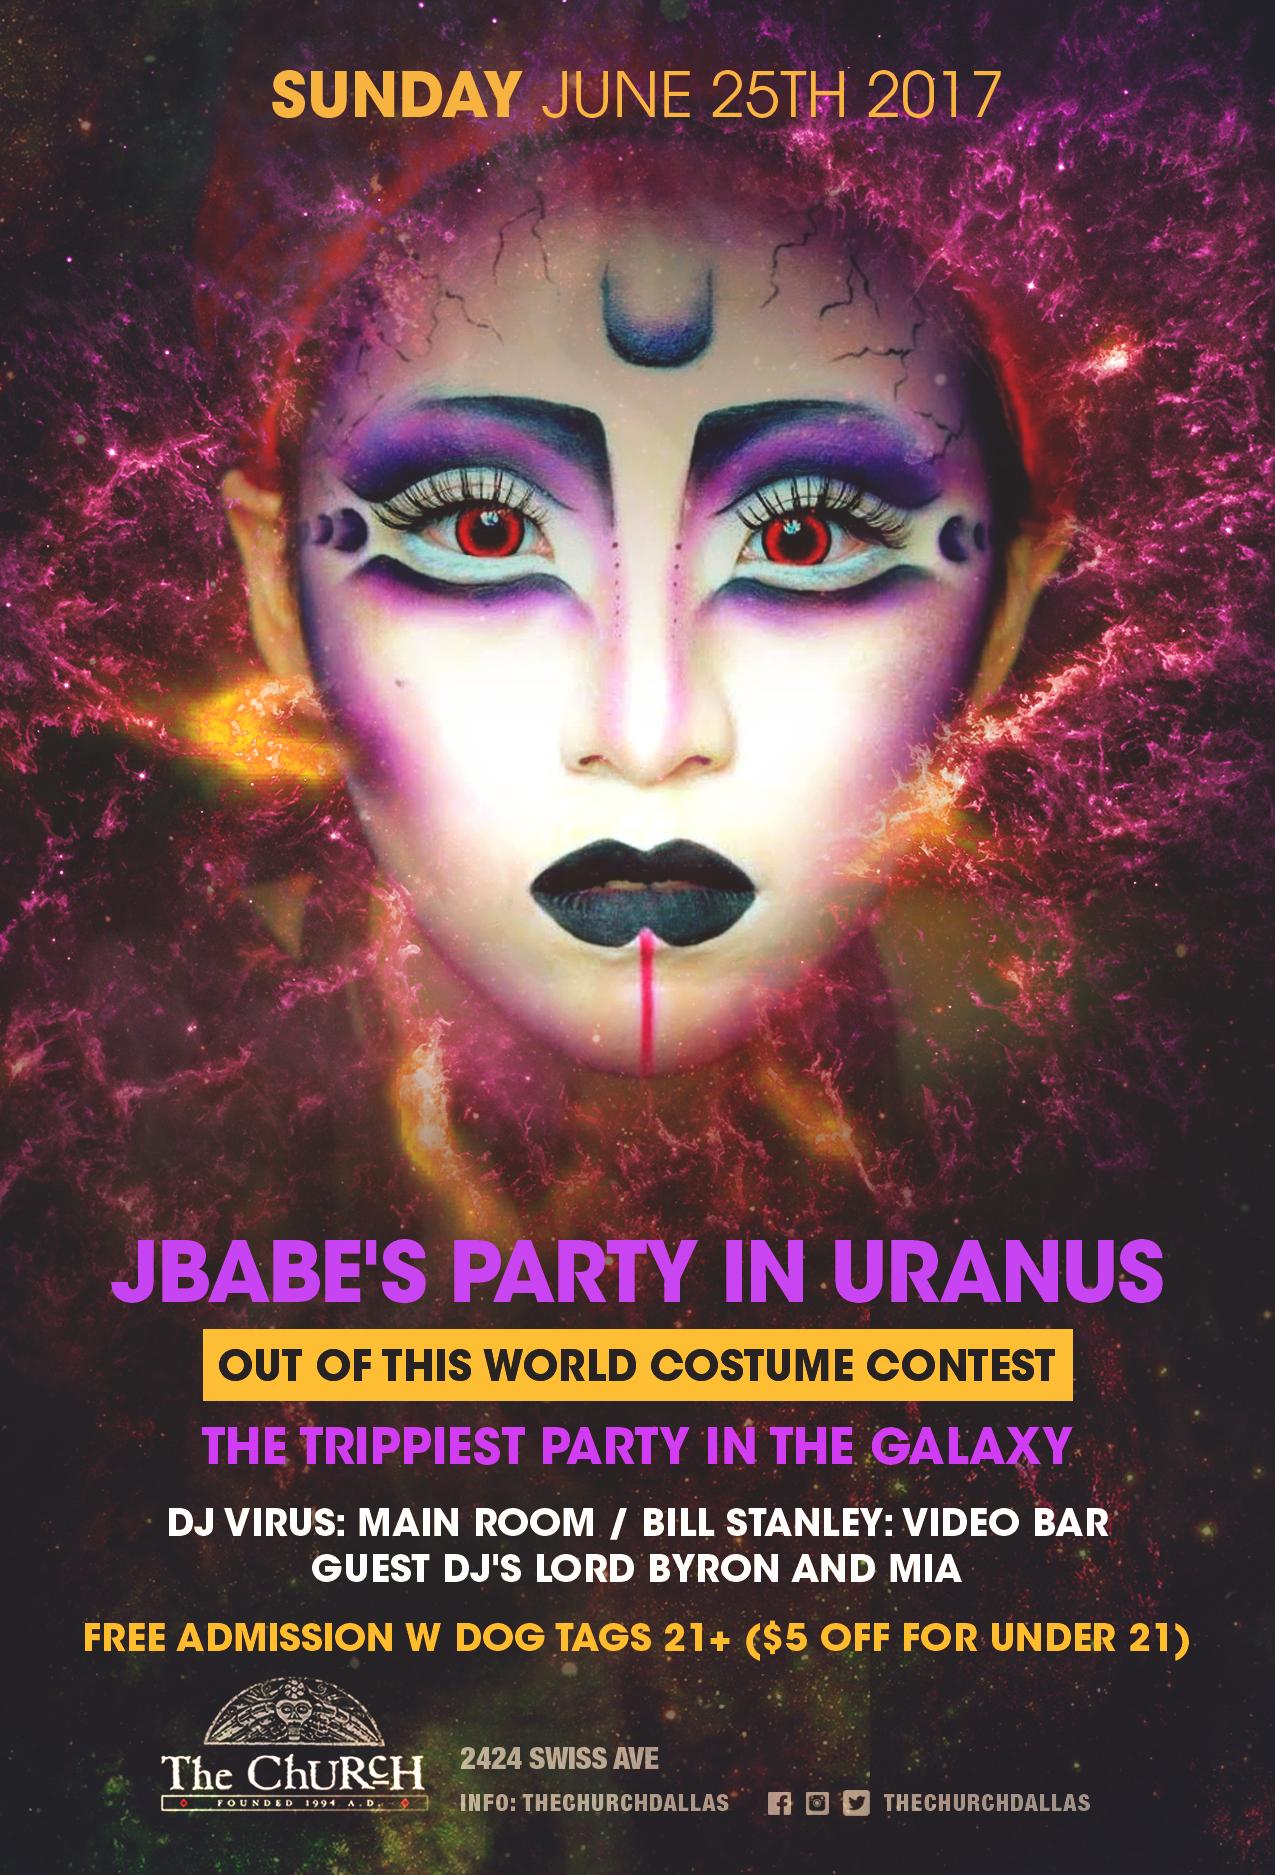 06.25.2017 - JBabe's Party in Uranus